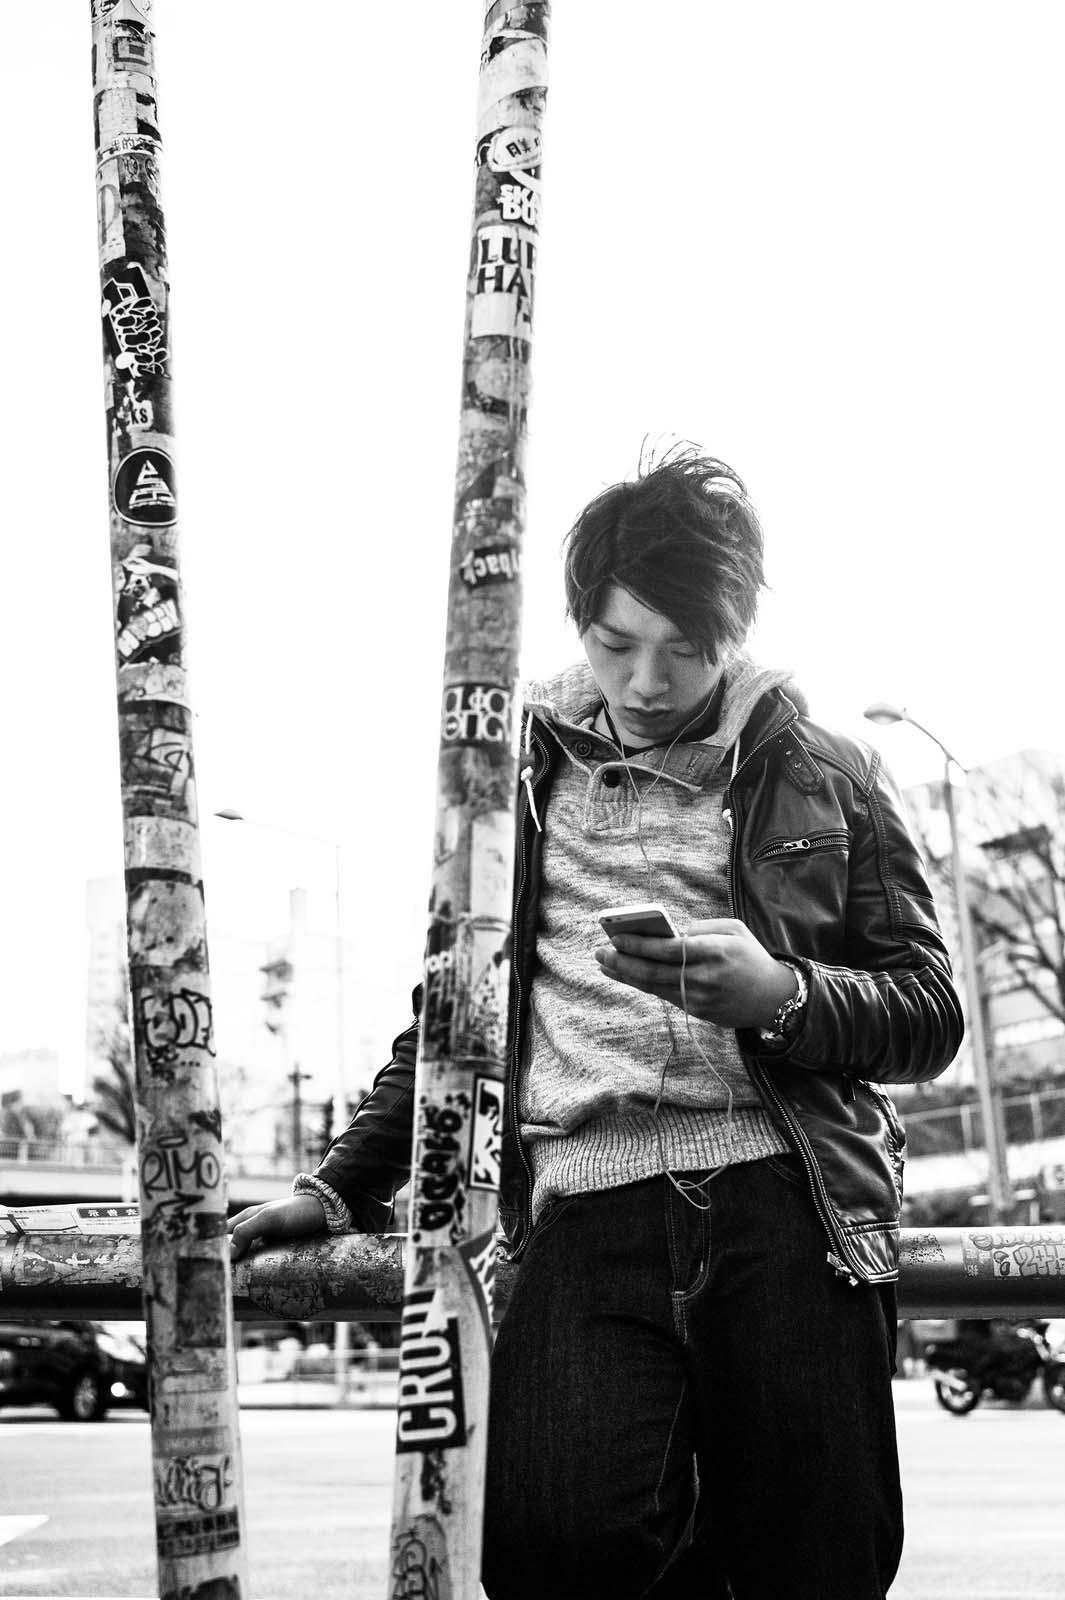 Shibuya boy I